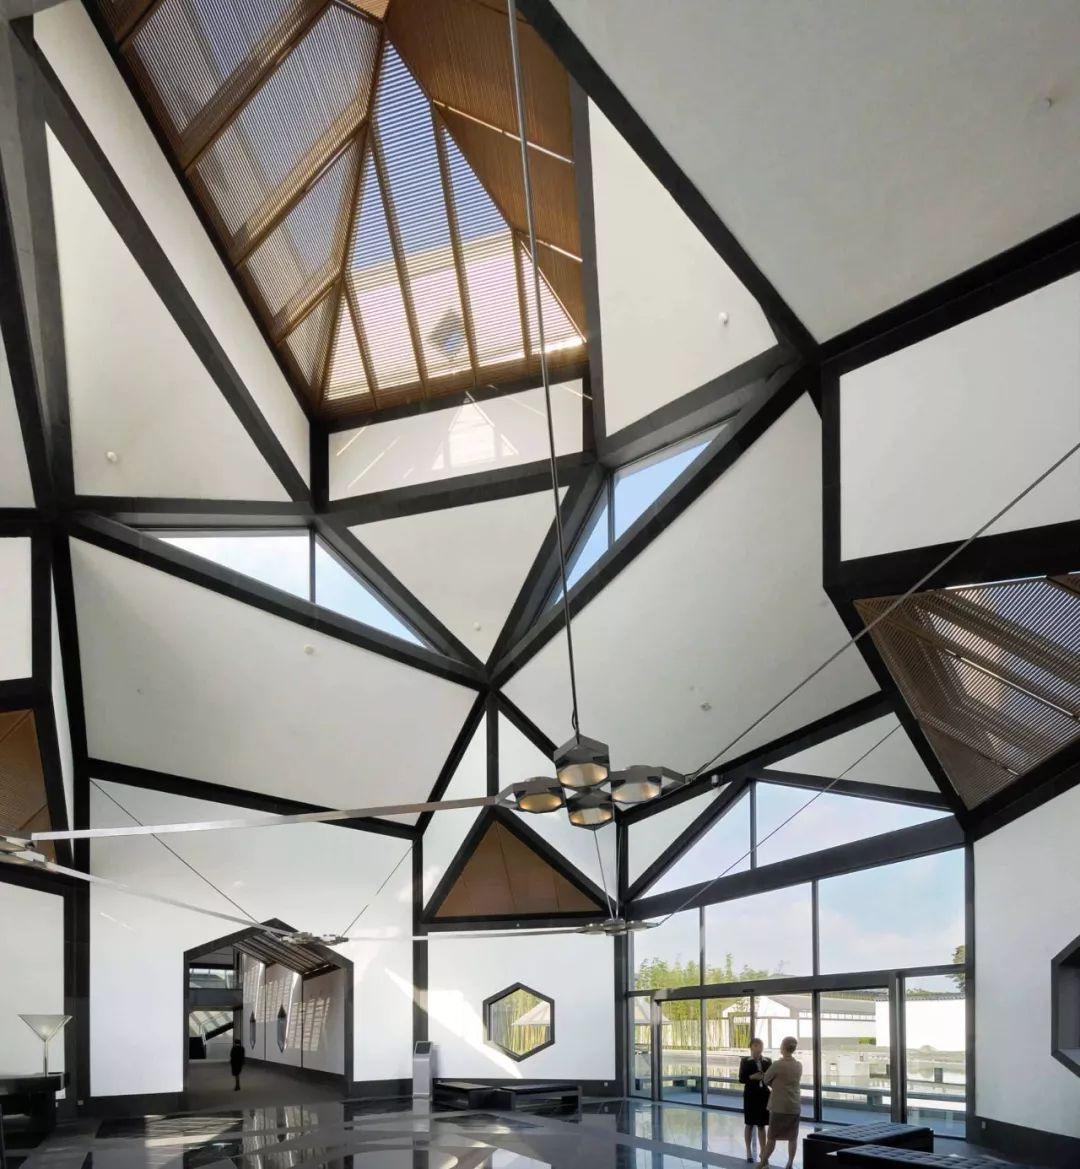 致敬贝聿铭:世界上最会用「三角形」的建筑大师_80